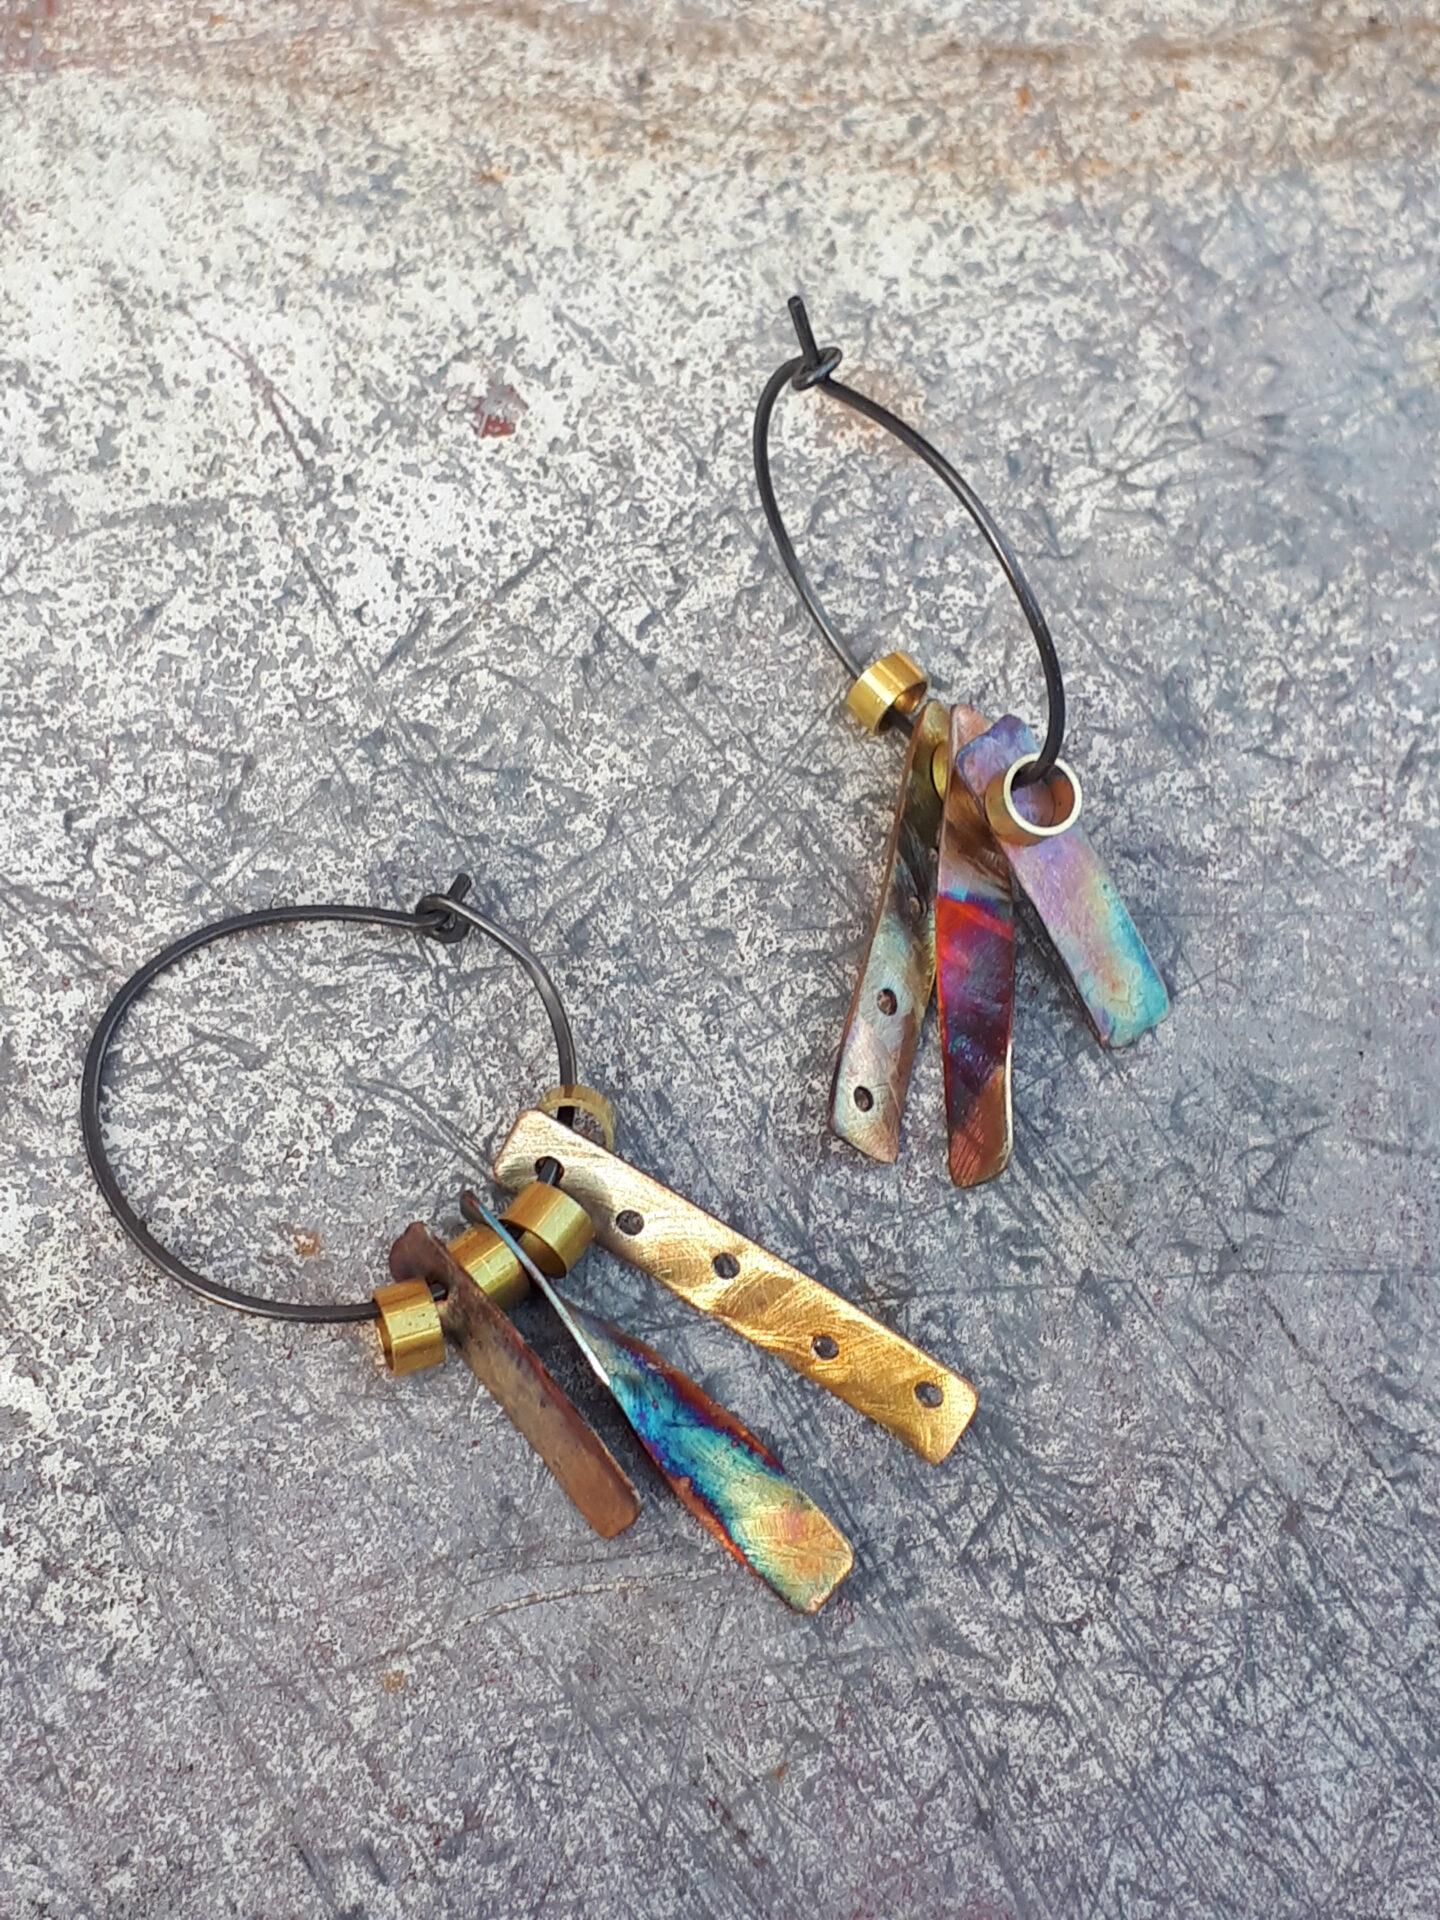 Space Junk (Soyuz Rainbow) Hoop Earrings By Emma Hesz